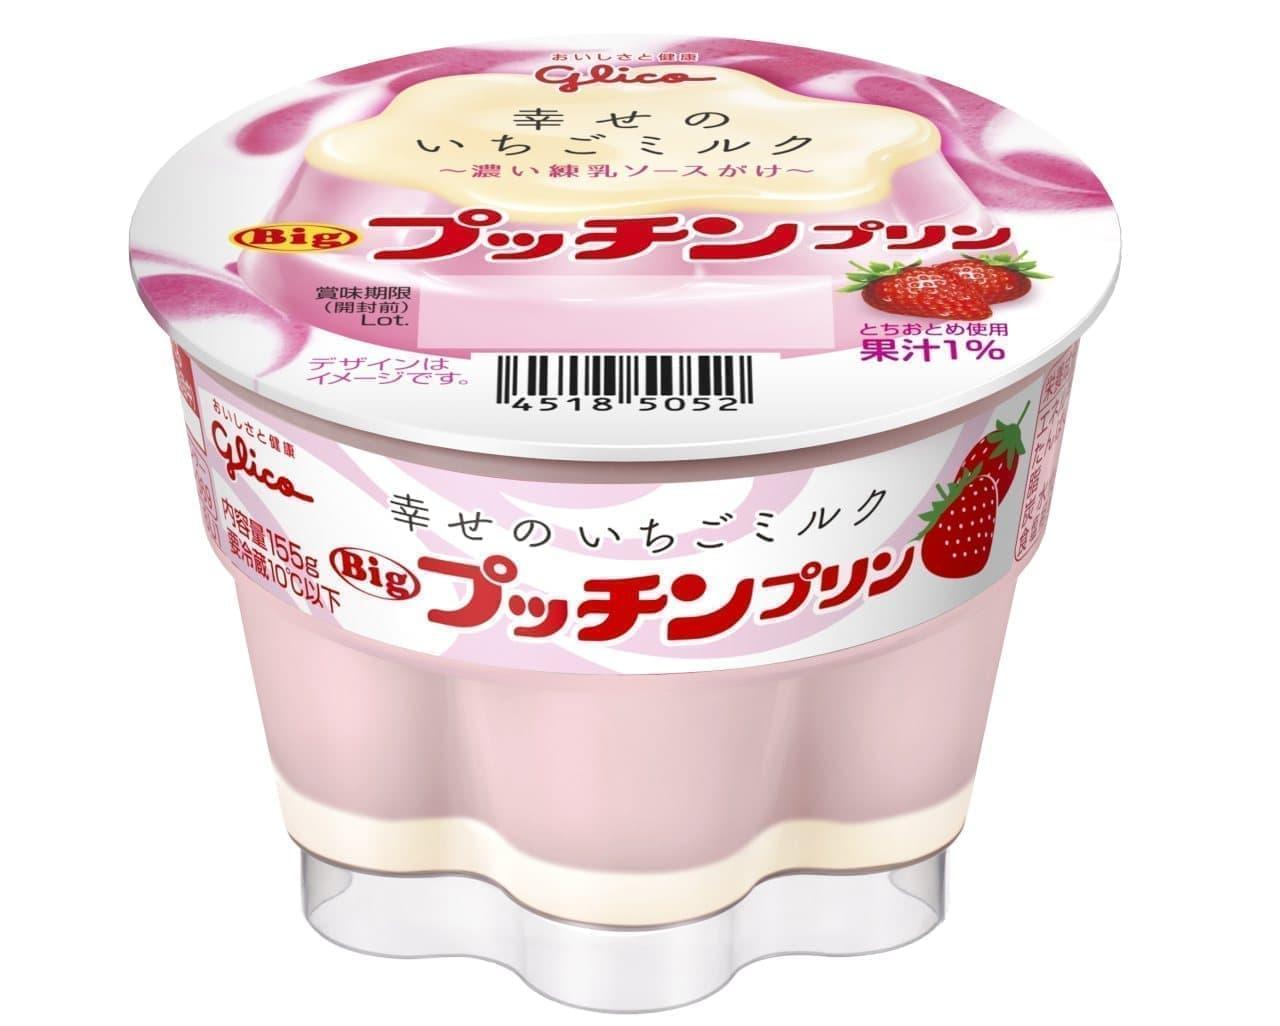 期間限定「プッチンプリン <幸せのいちごミルク>」